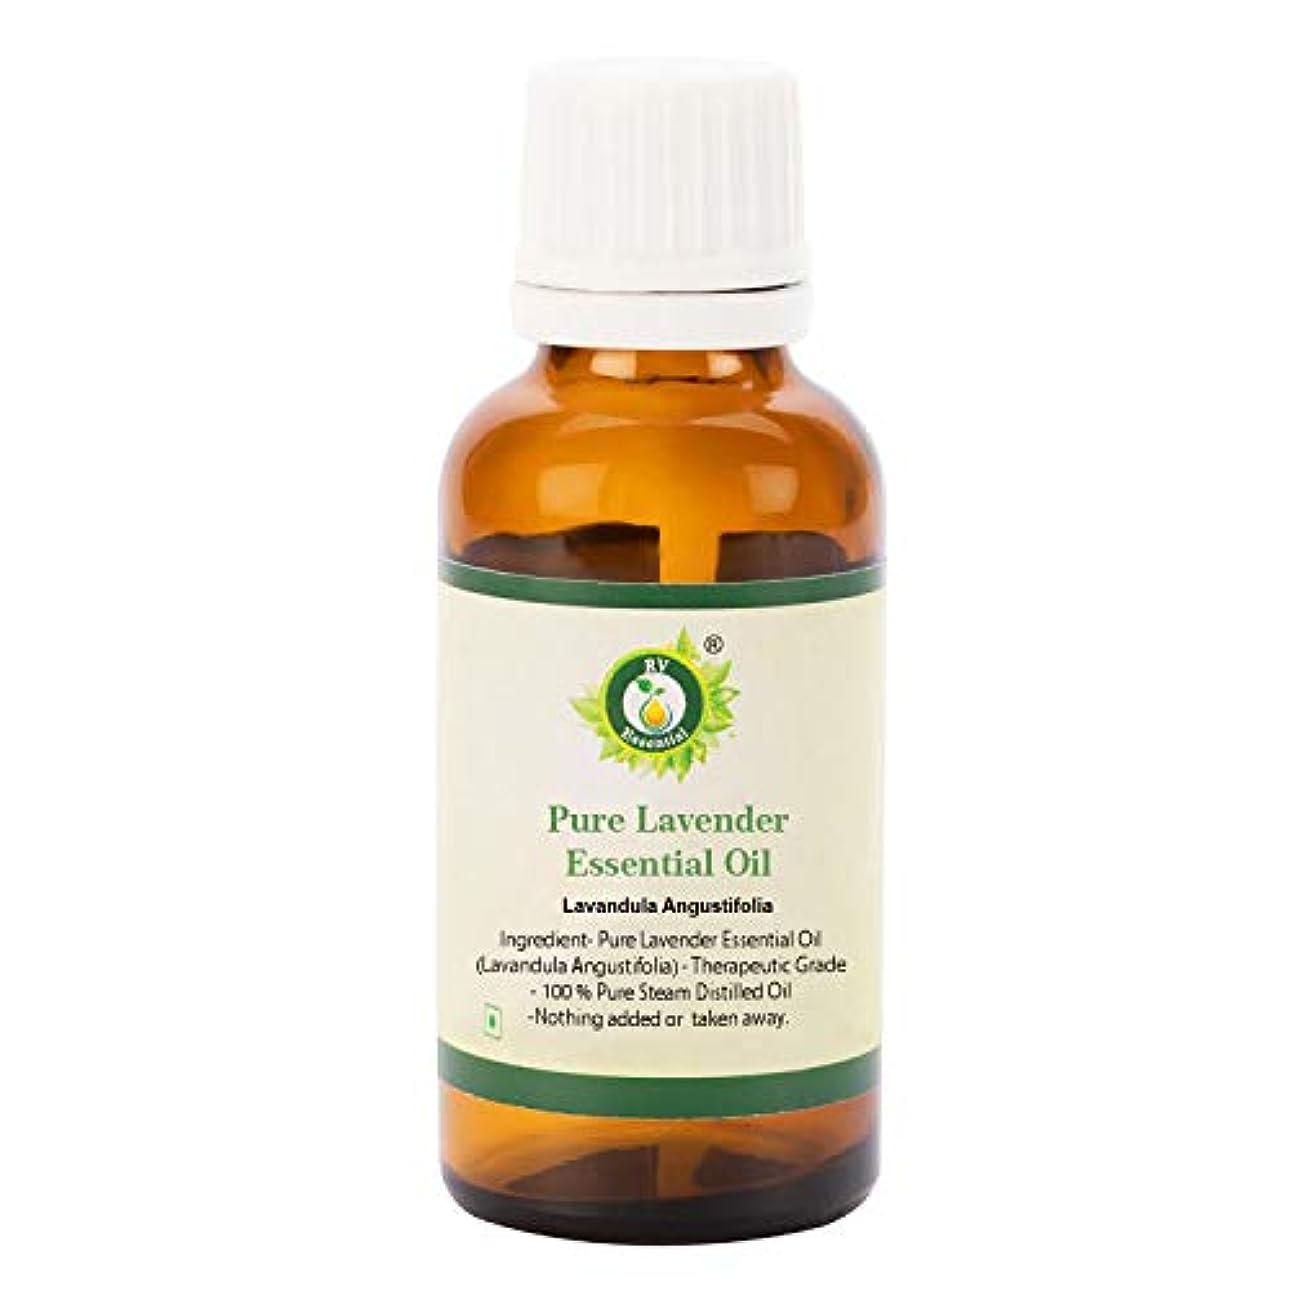 メンテナンス予約ボイラーR V Essential ピュアラベンダーエッセンシャルオイル5ml (0.169oz)- Lavandula Angustifolia (100%純粋&天然スチームDistilled) Pure lavender Essential...